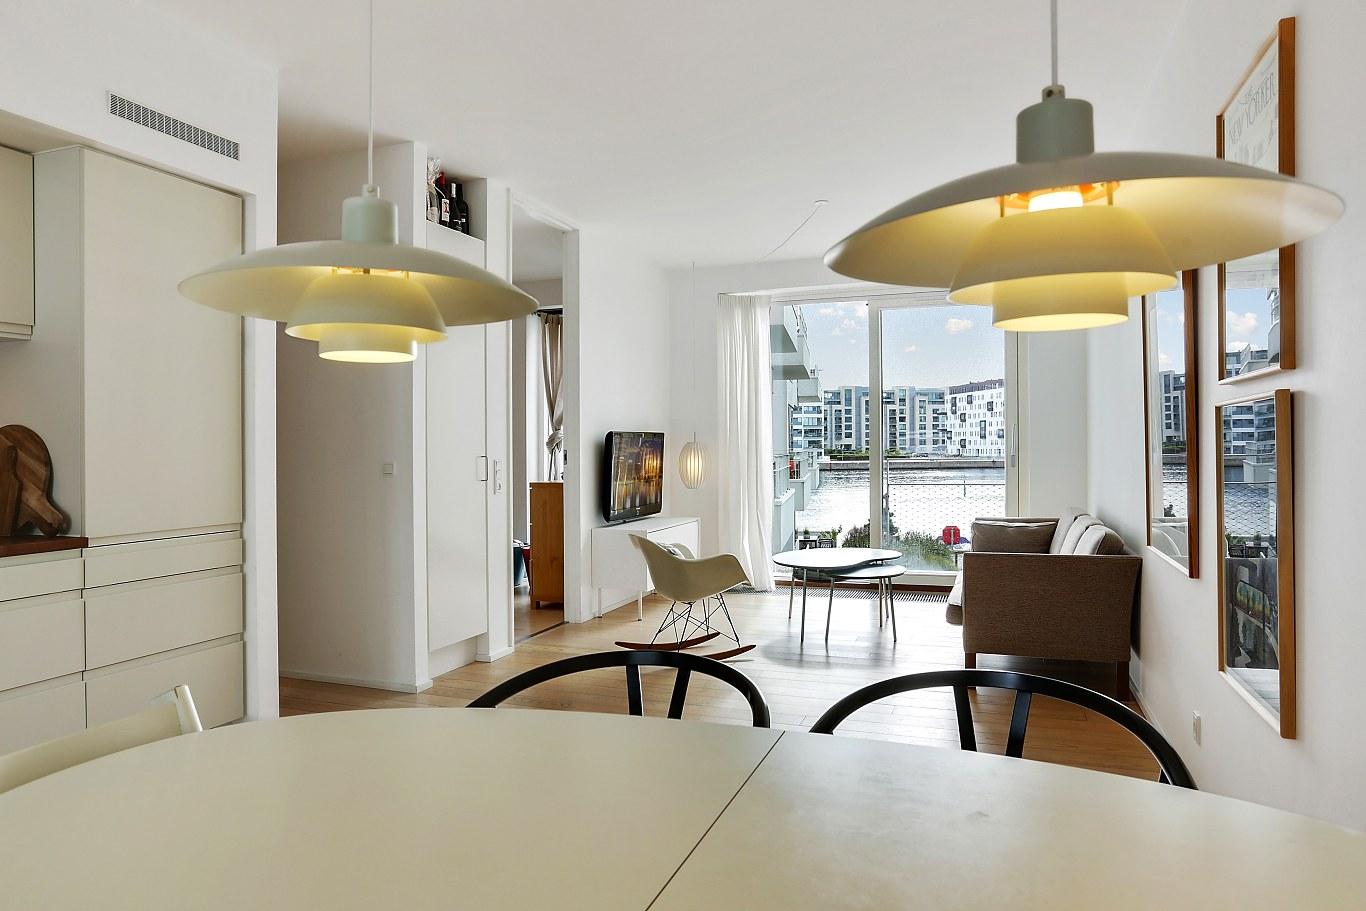 Piso dan s amplio con vistas blog tienda decoraci n - Decoracion pisos modernos ...